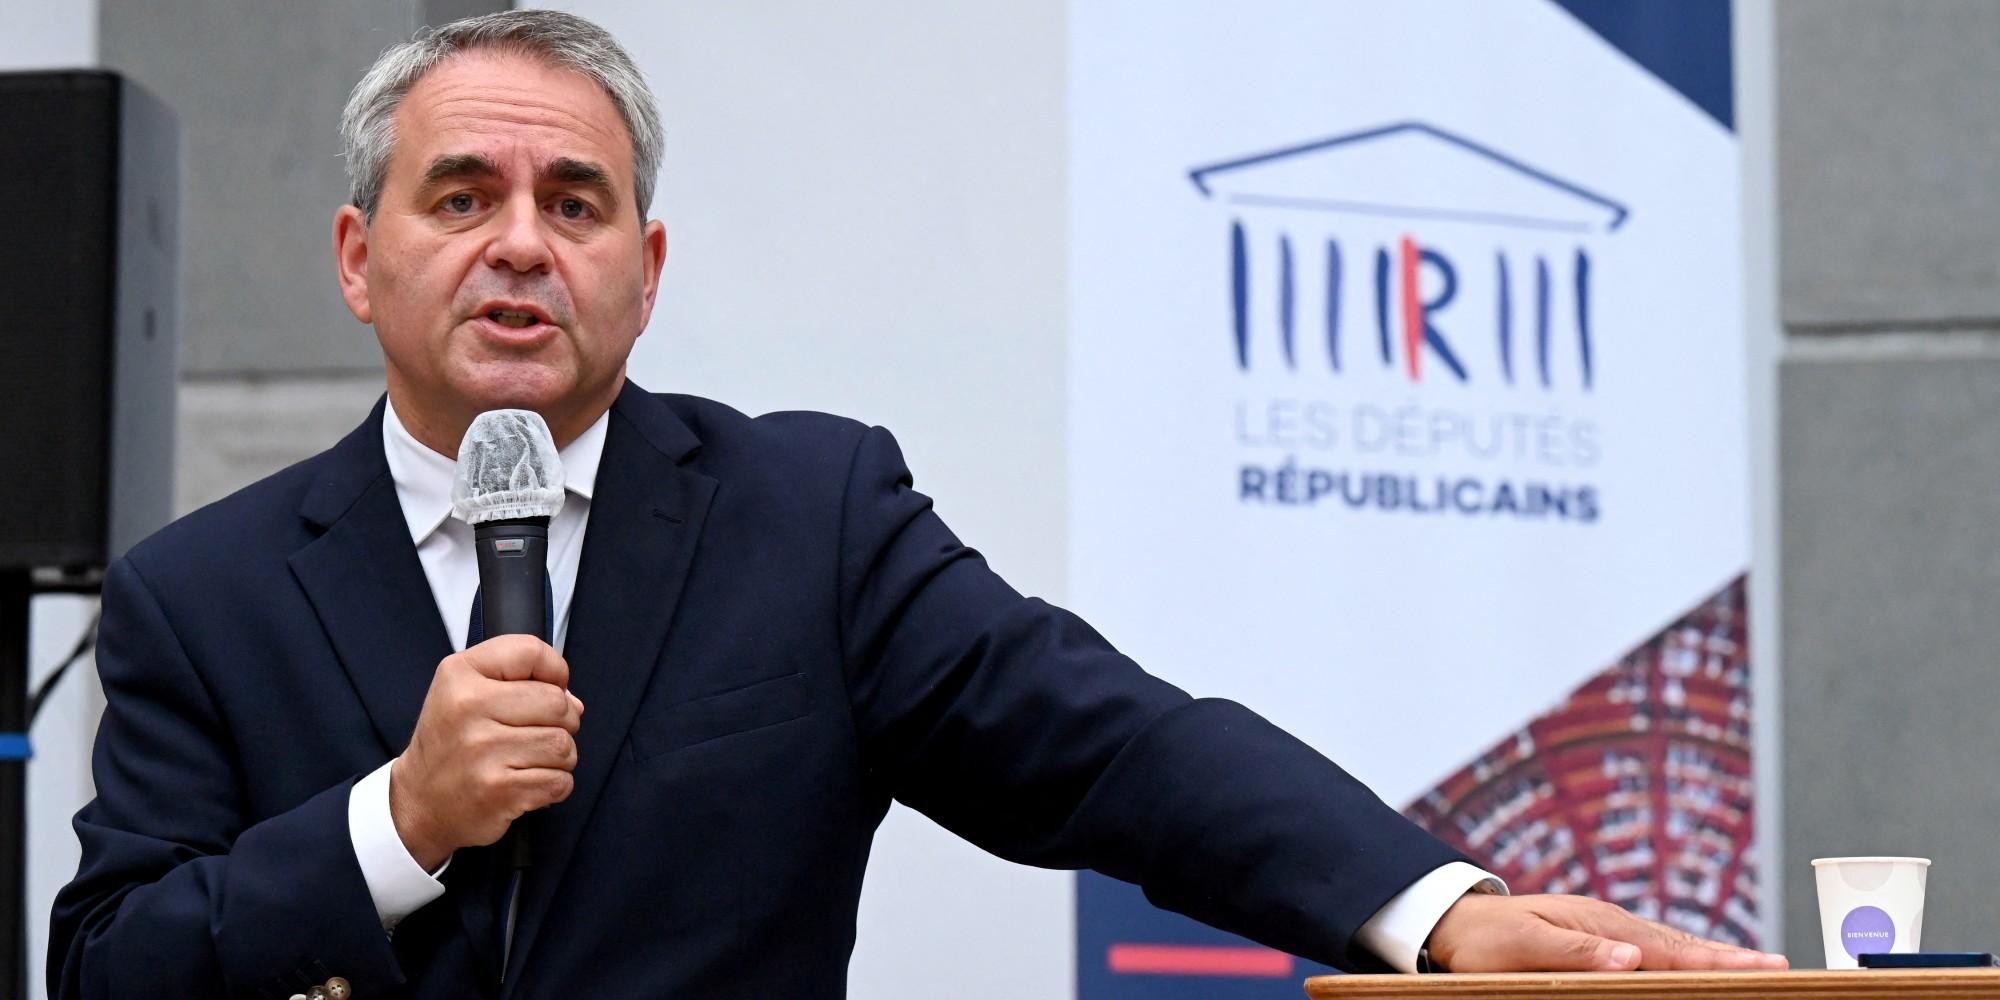 SONDAGE. Bertrand est, de loin, le candidat de droite le mieux placé pour battre ses adversaires en 2022